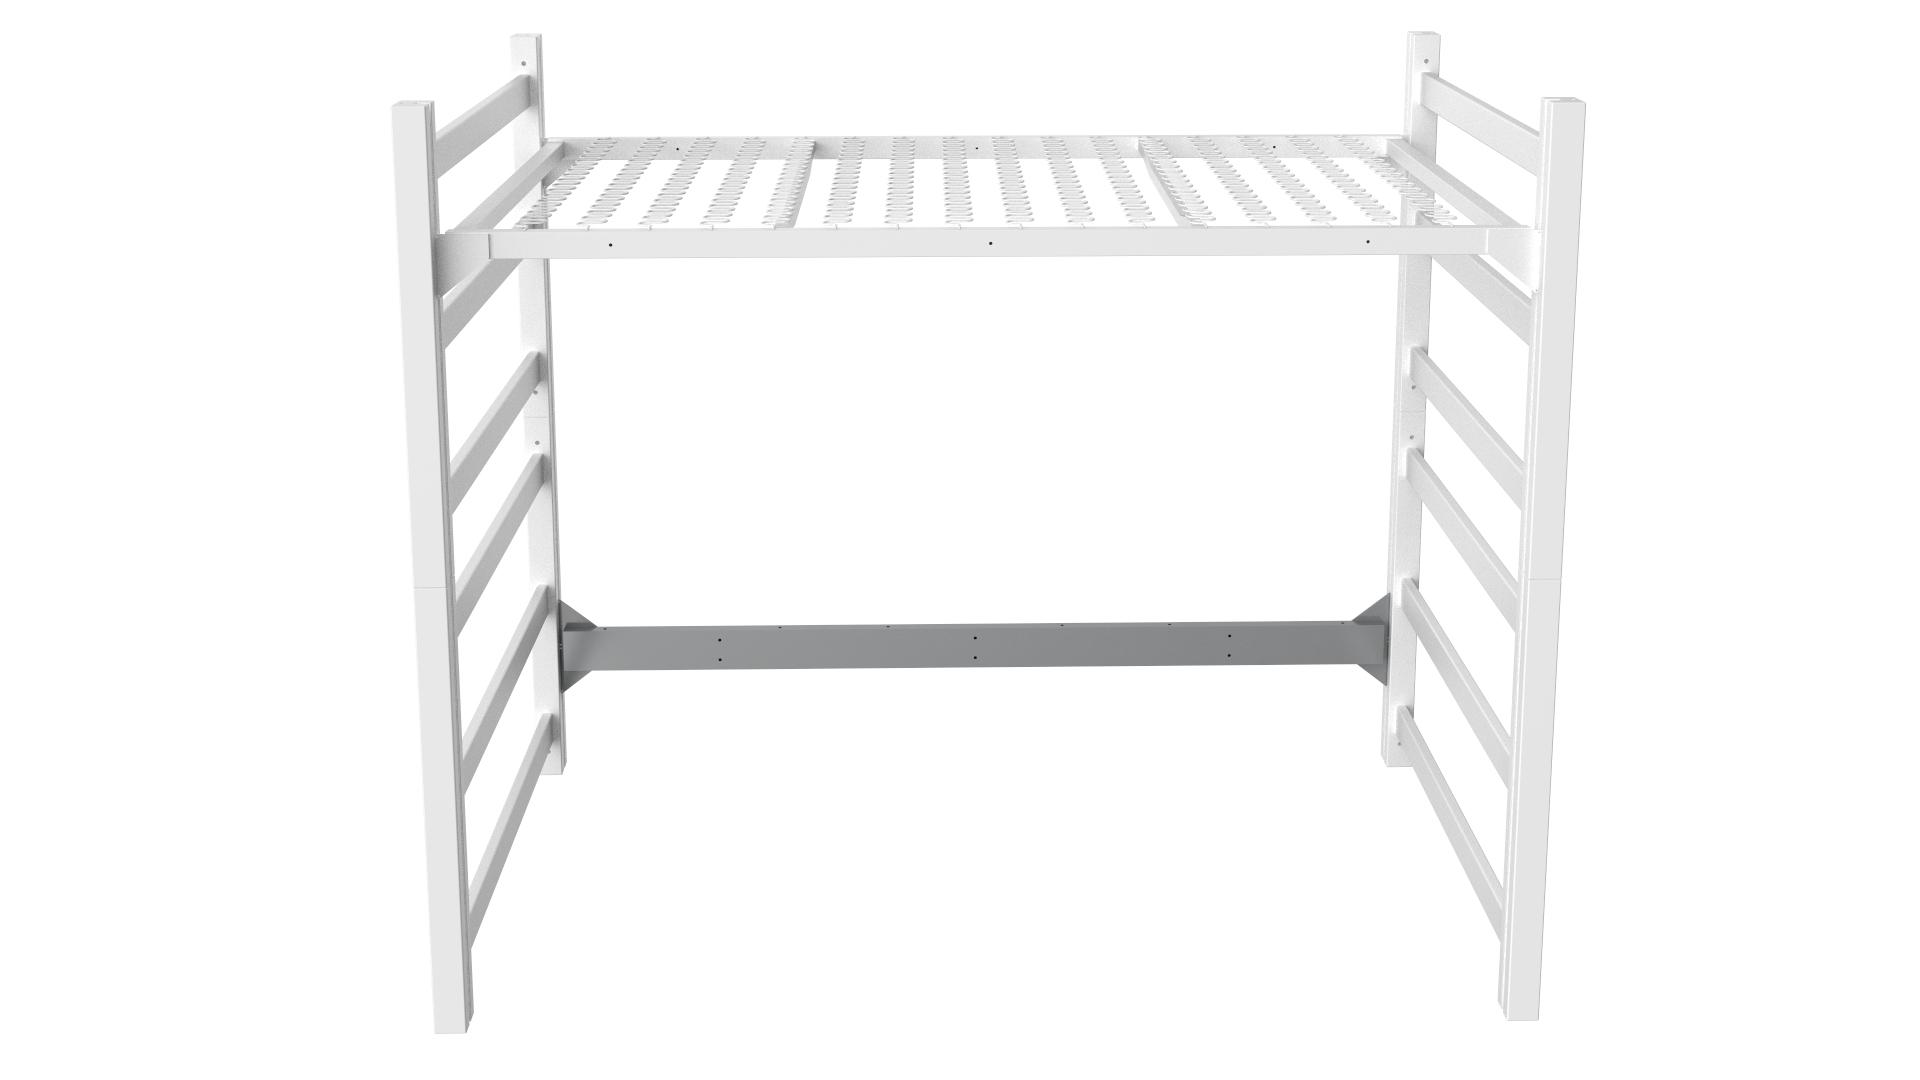 Steel Lofting panel